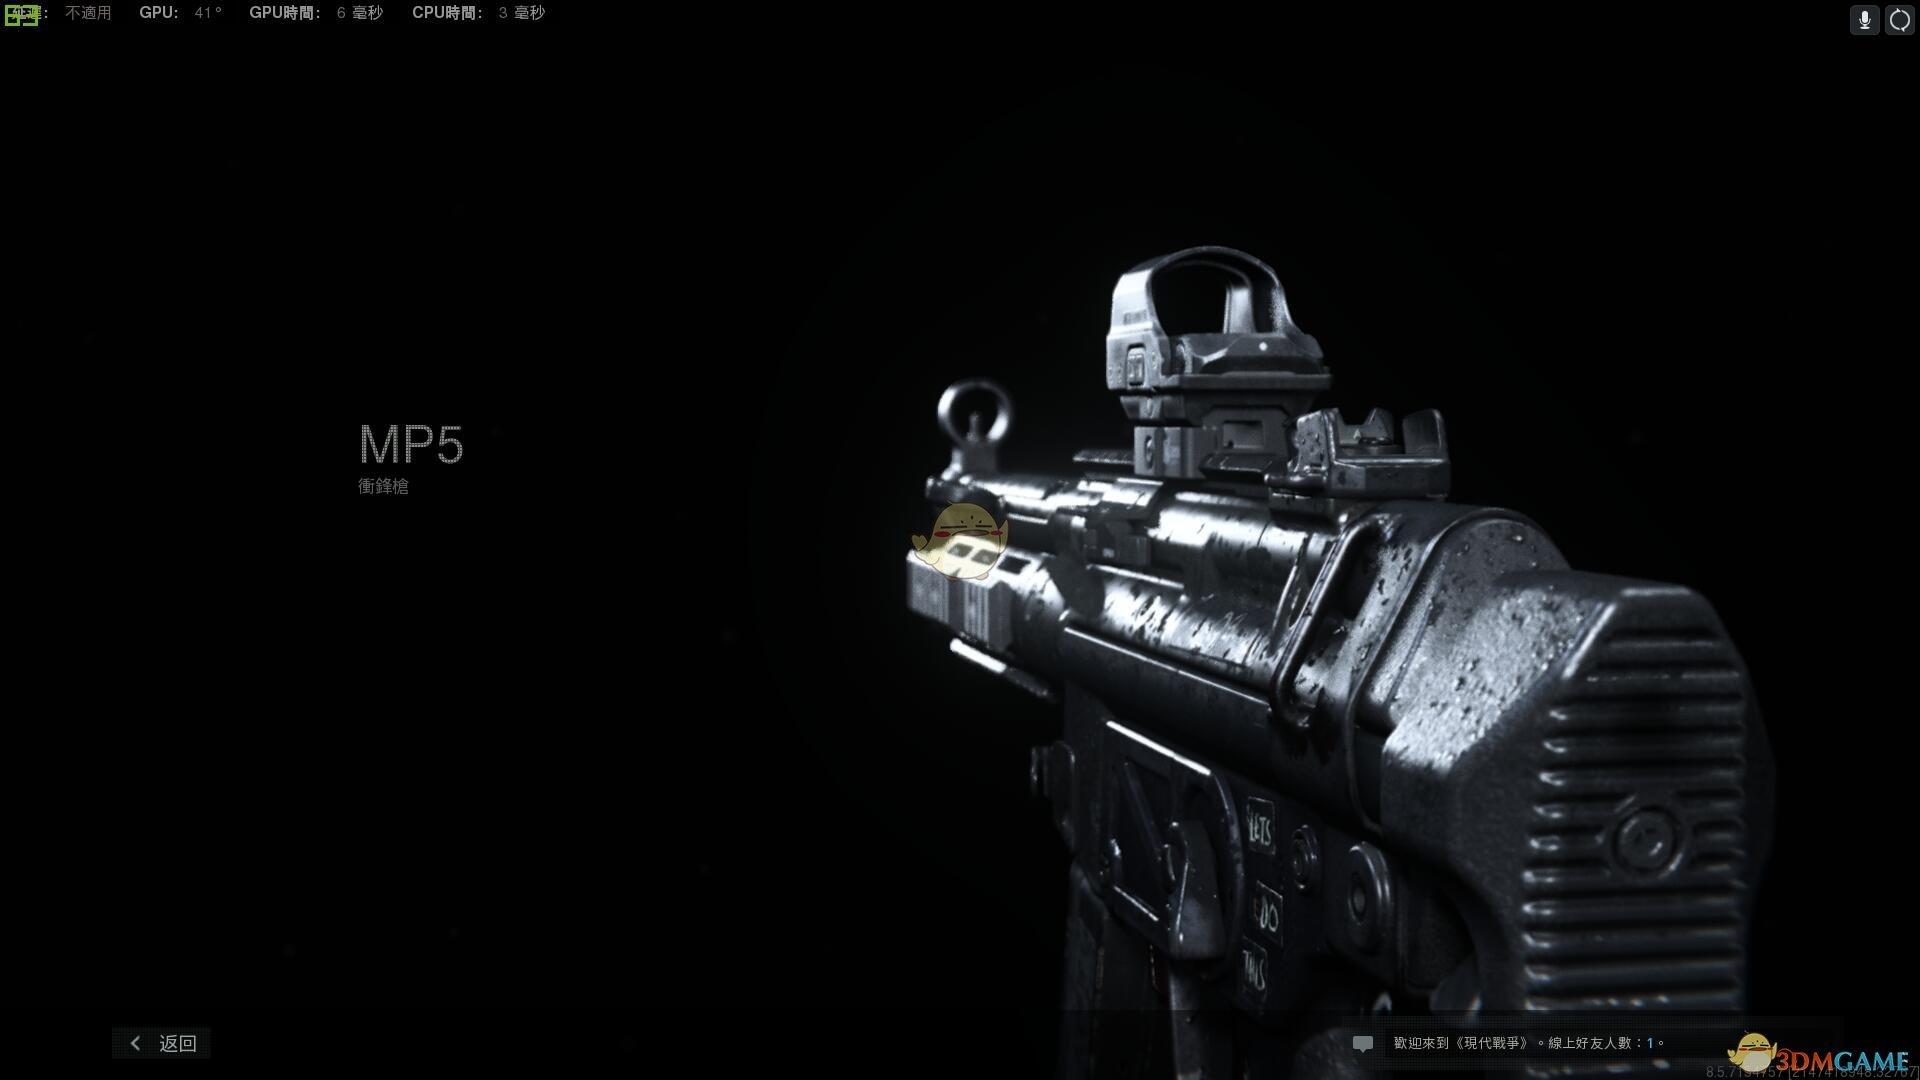 《使命召唤16:现代战争》MP5-手感生疏武器盘点